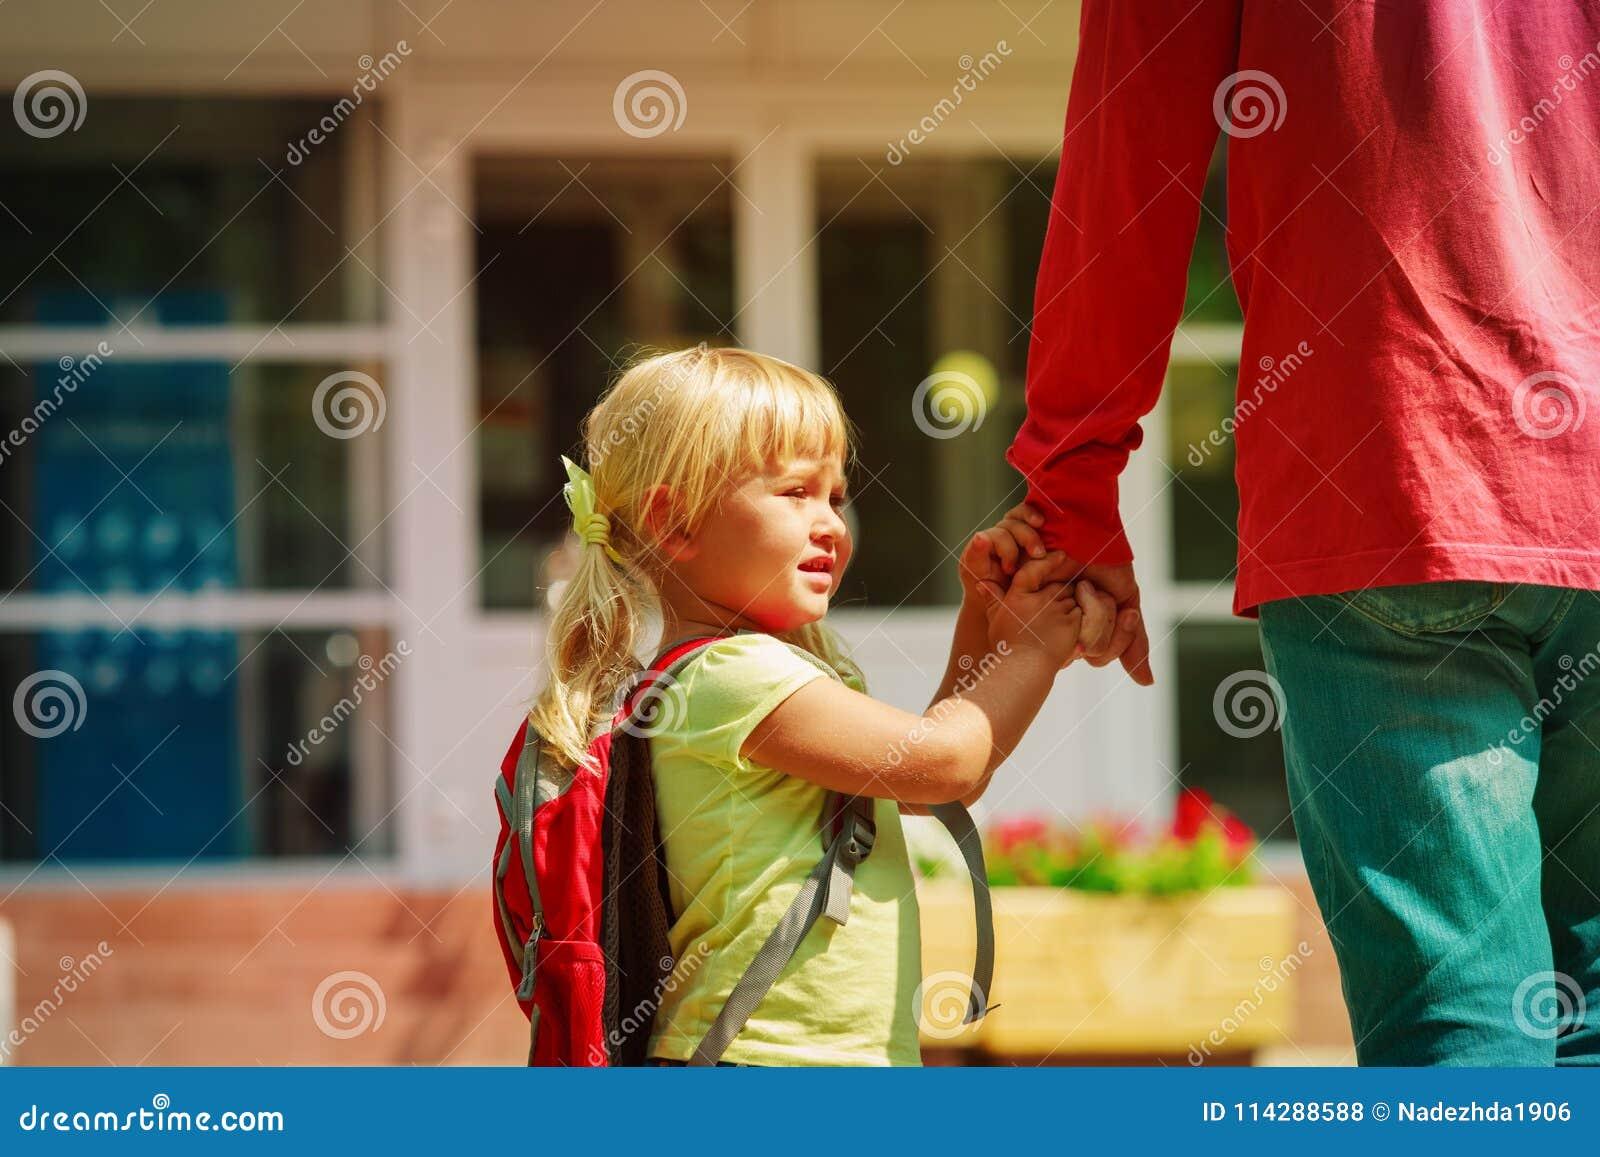 Fadern och den lilla dottern går till skolan eller daycare